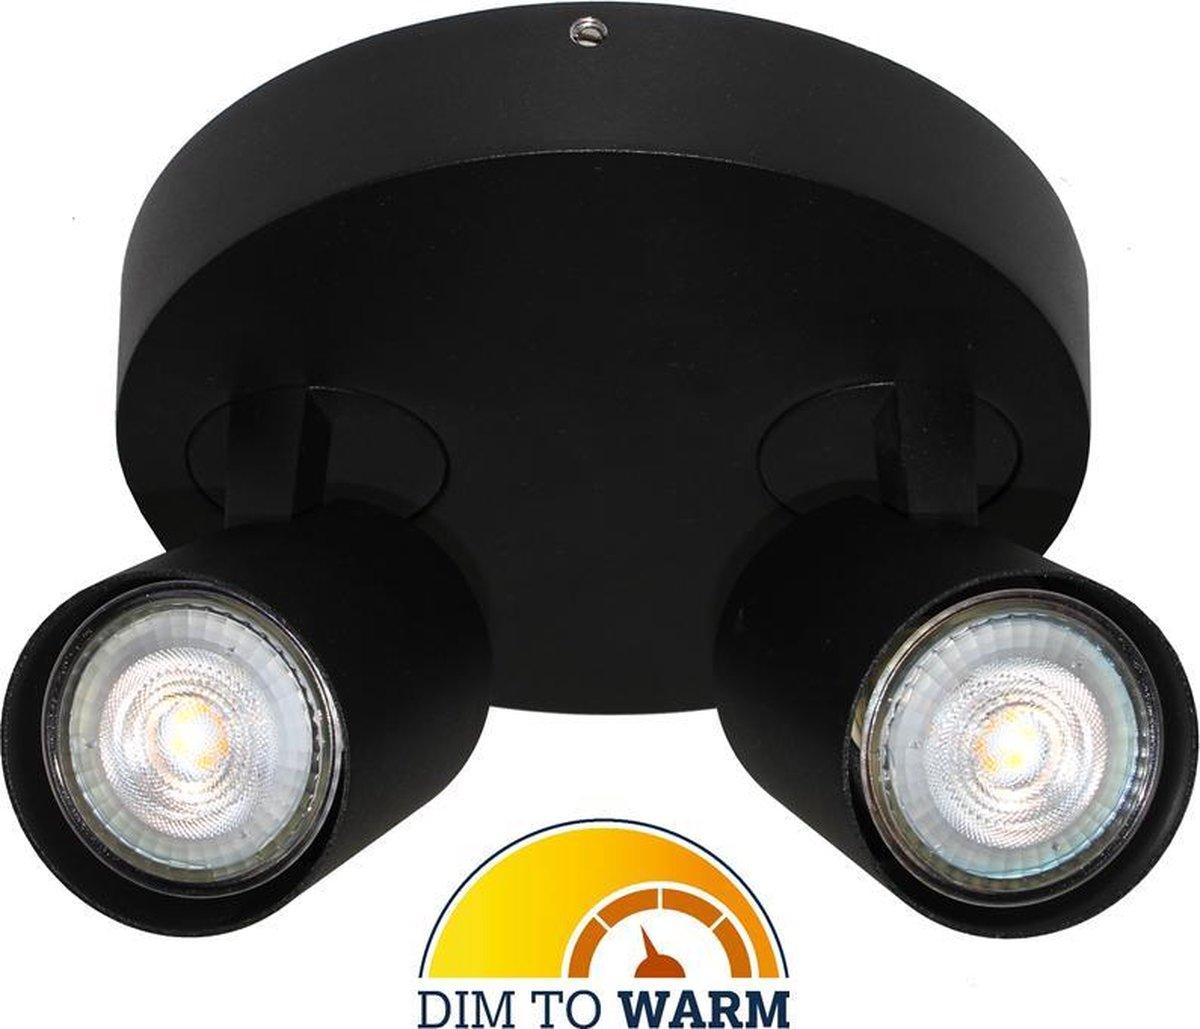 Artdelight - Plafondlamp Vivaro 2L Rond - Zwart - 2x LED 4,9W 2200K-2700K - IP20 - Dim To Warm >  spots   spotjes   spotjes plafondlamp   opbouwspot led   spots verlichting led   plafonniere led zwart   led lamp